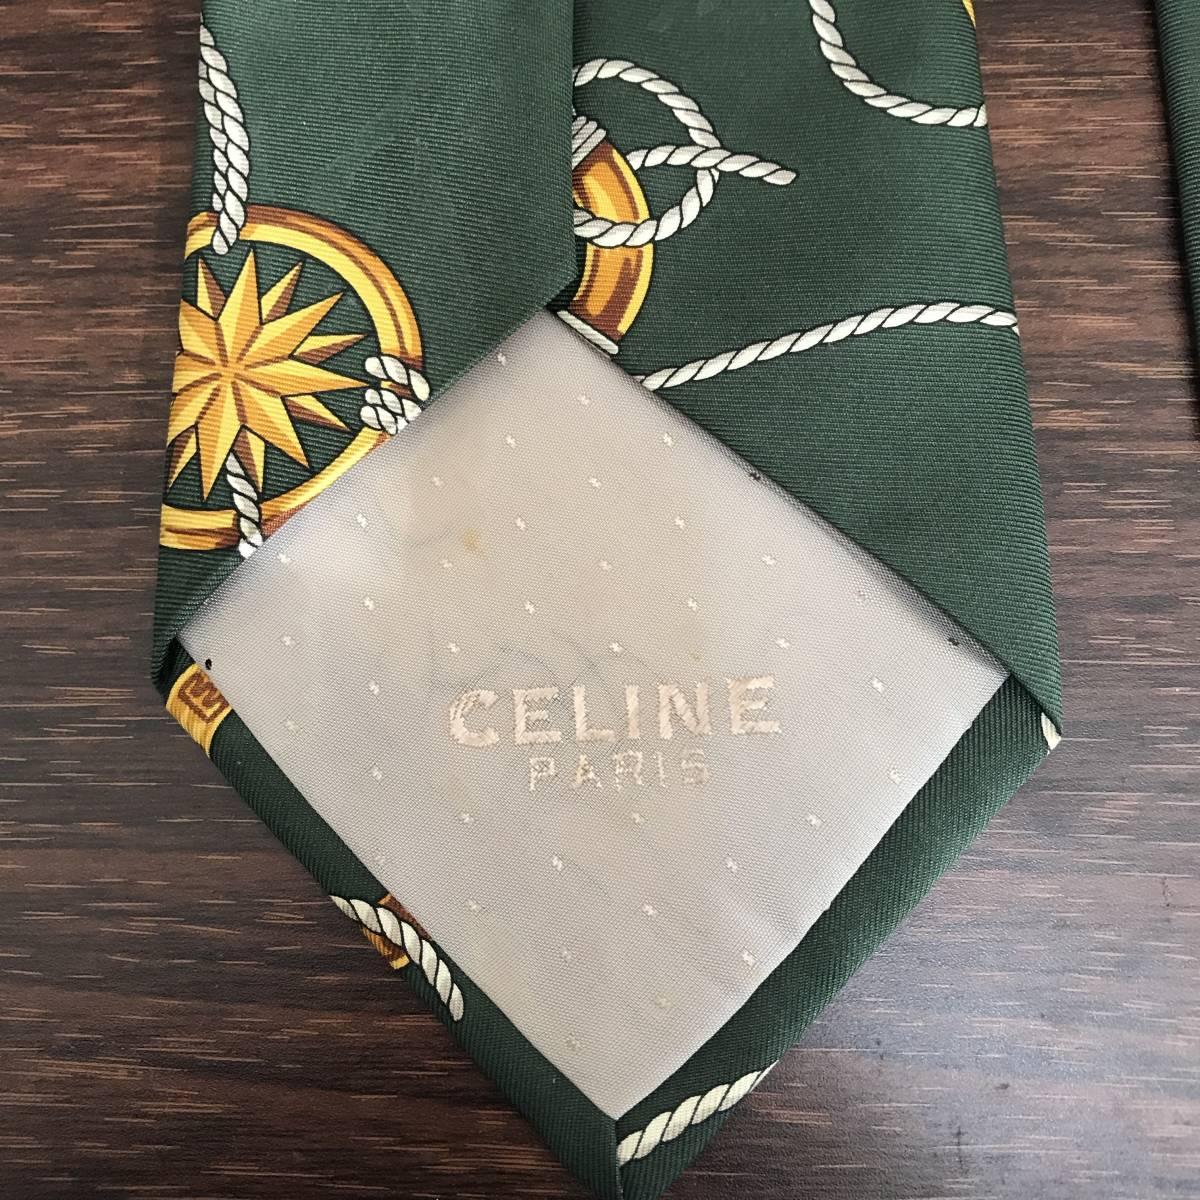 ☆1円スタート☆セリーヌ CELINE ネクタイ スペイン製 シルク100% グリーン系